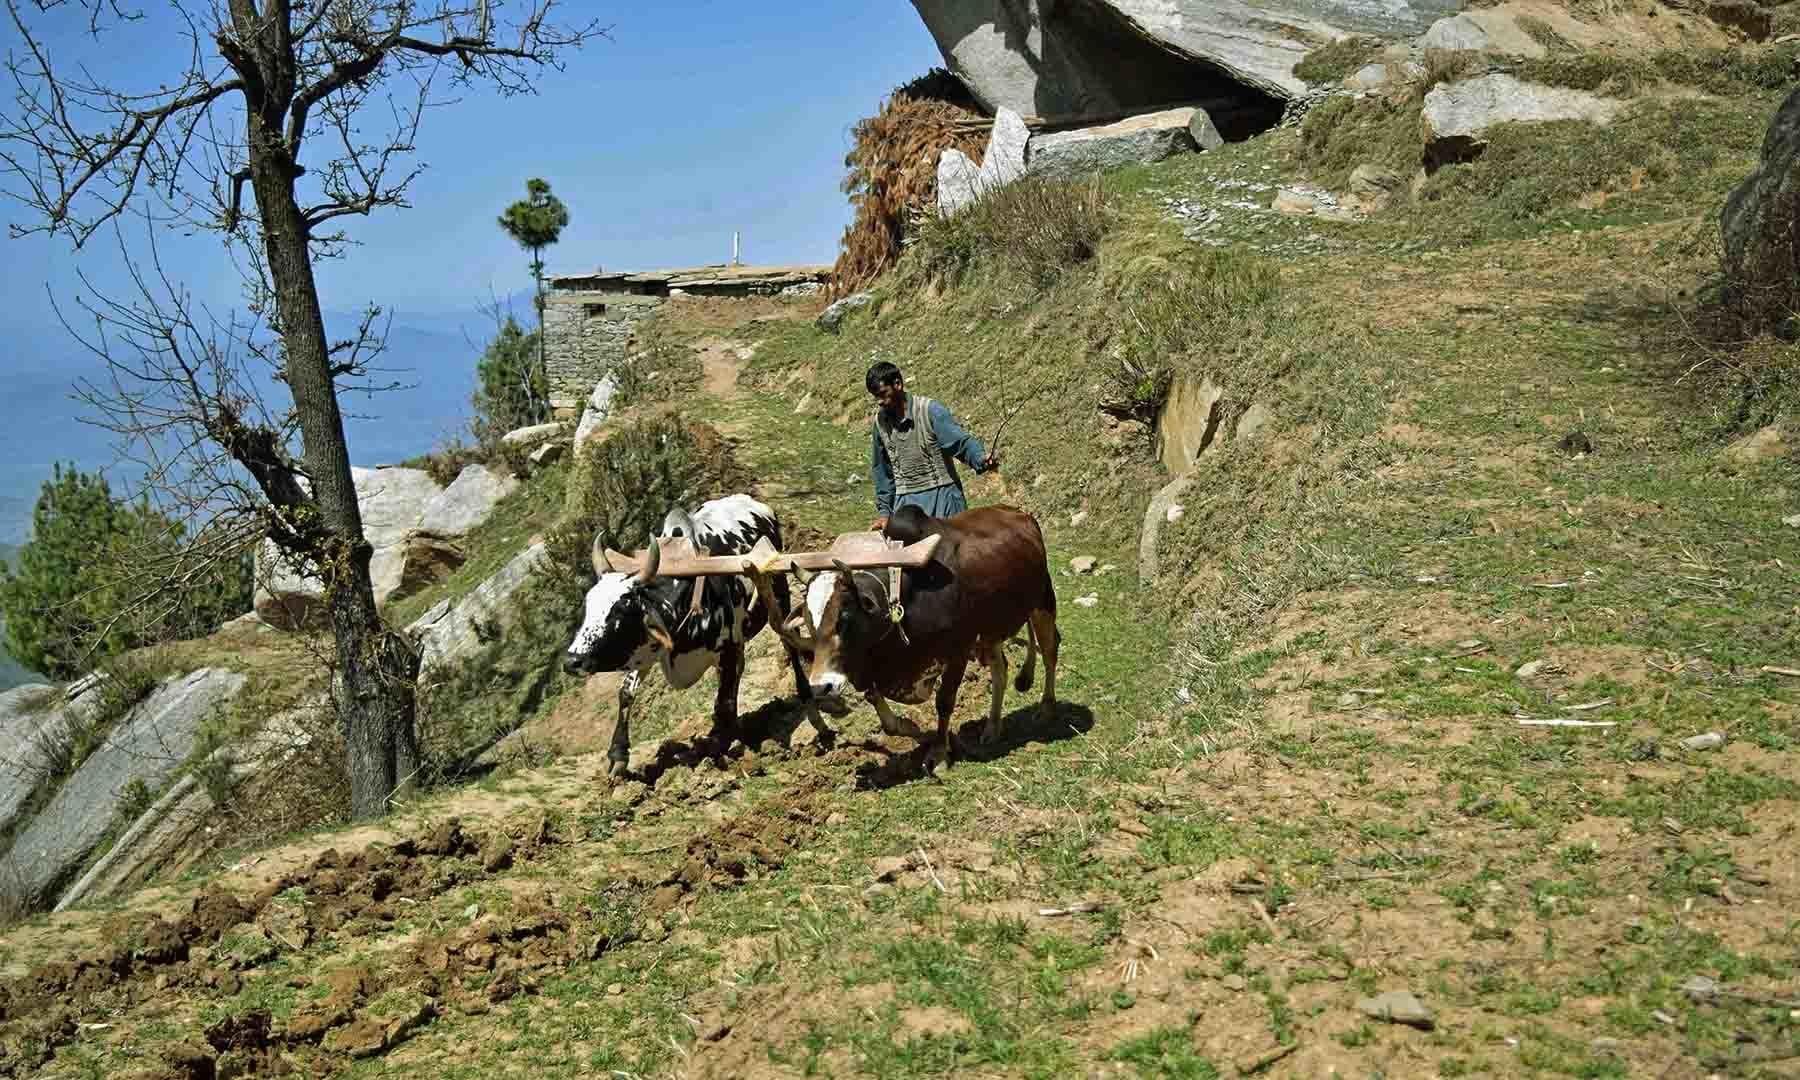 آج کے مشینی دور میں بھی سرے شاہ سر میں بیلوں کے ذریعے ہل چلایا جا رہا ہے— تصویر امجد علی سحاب